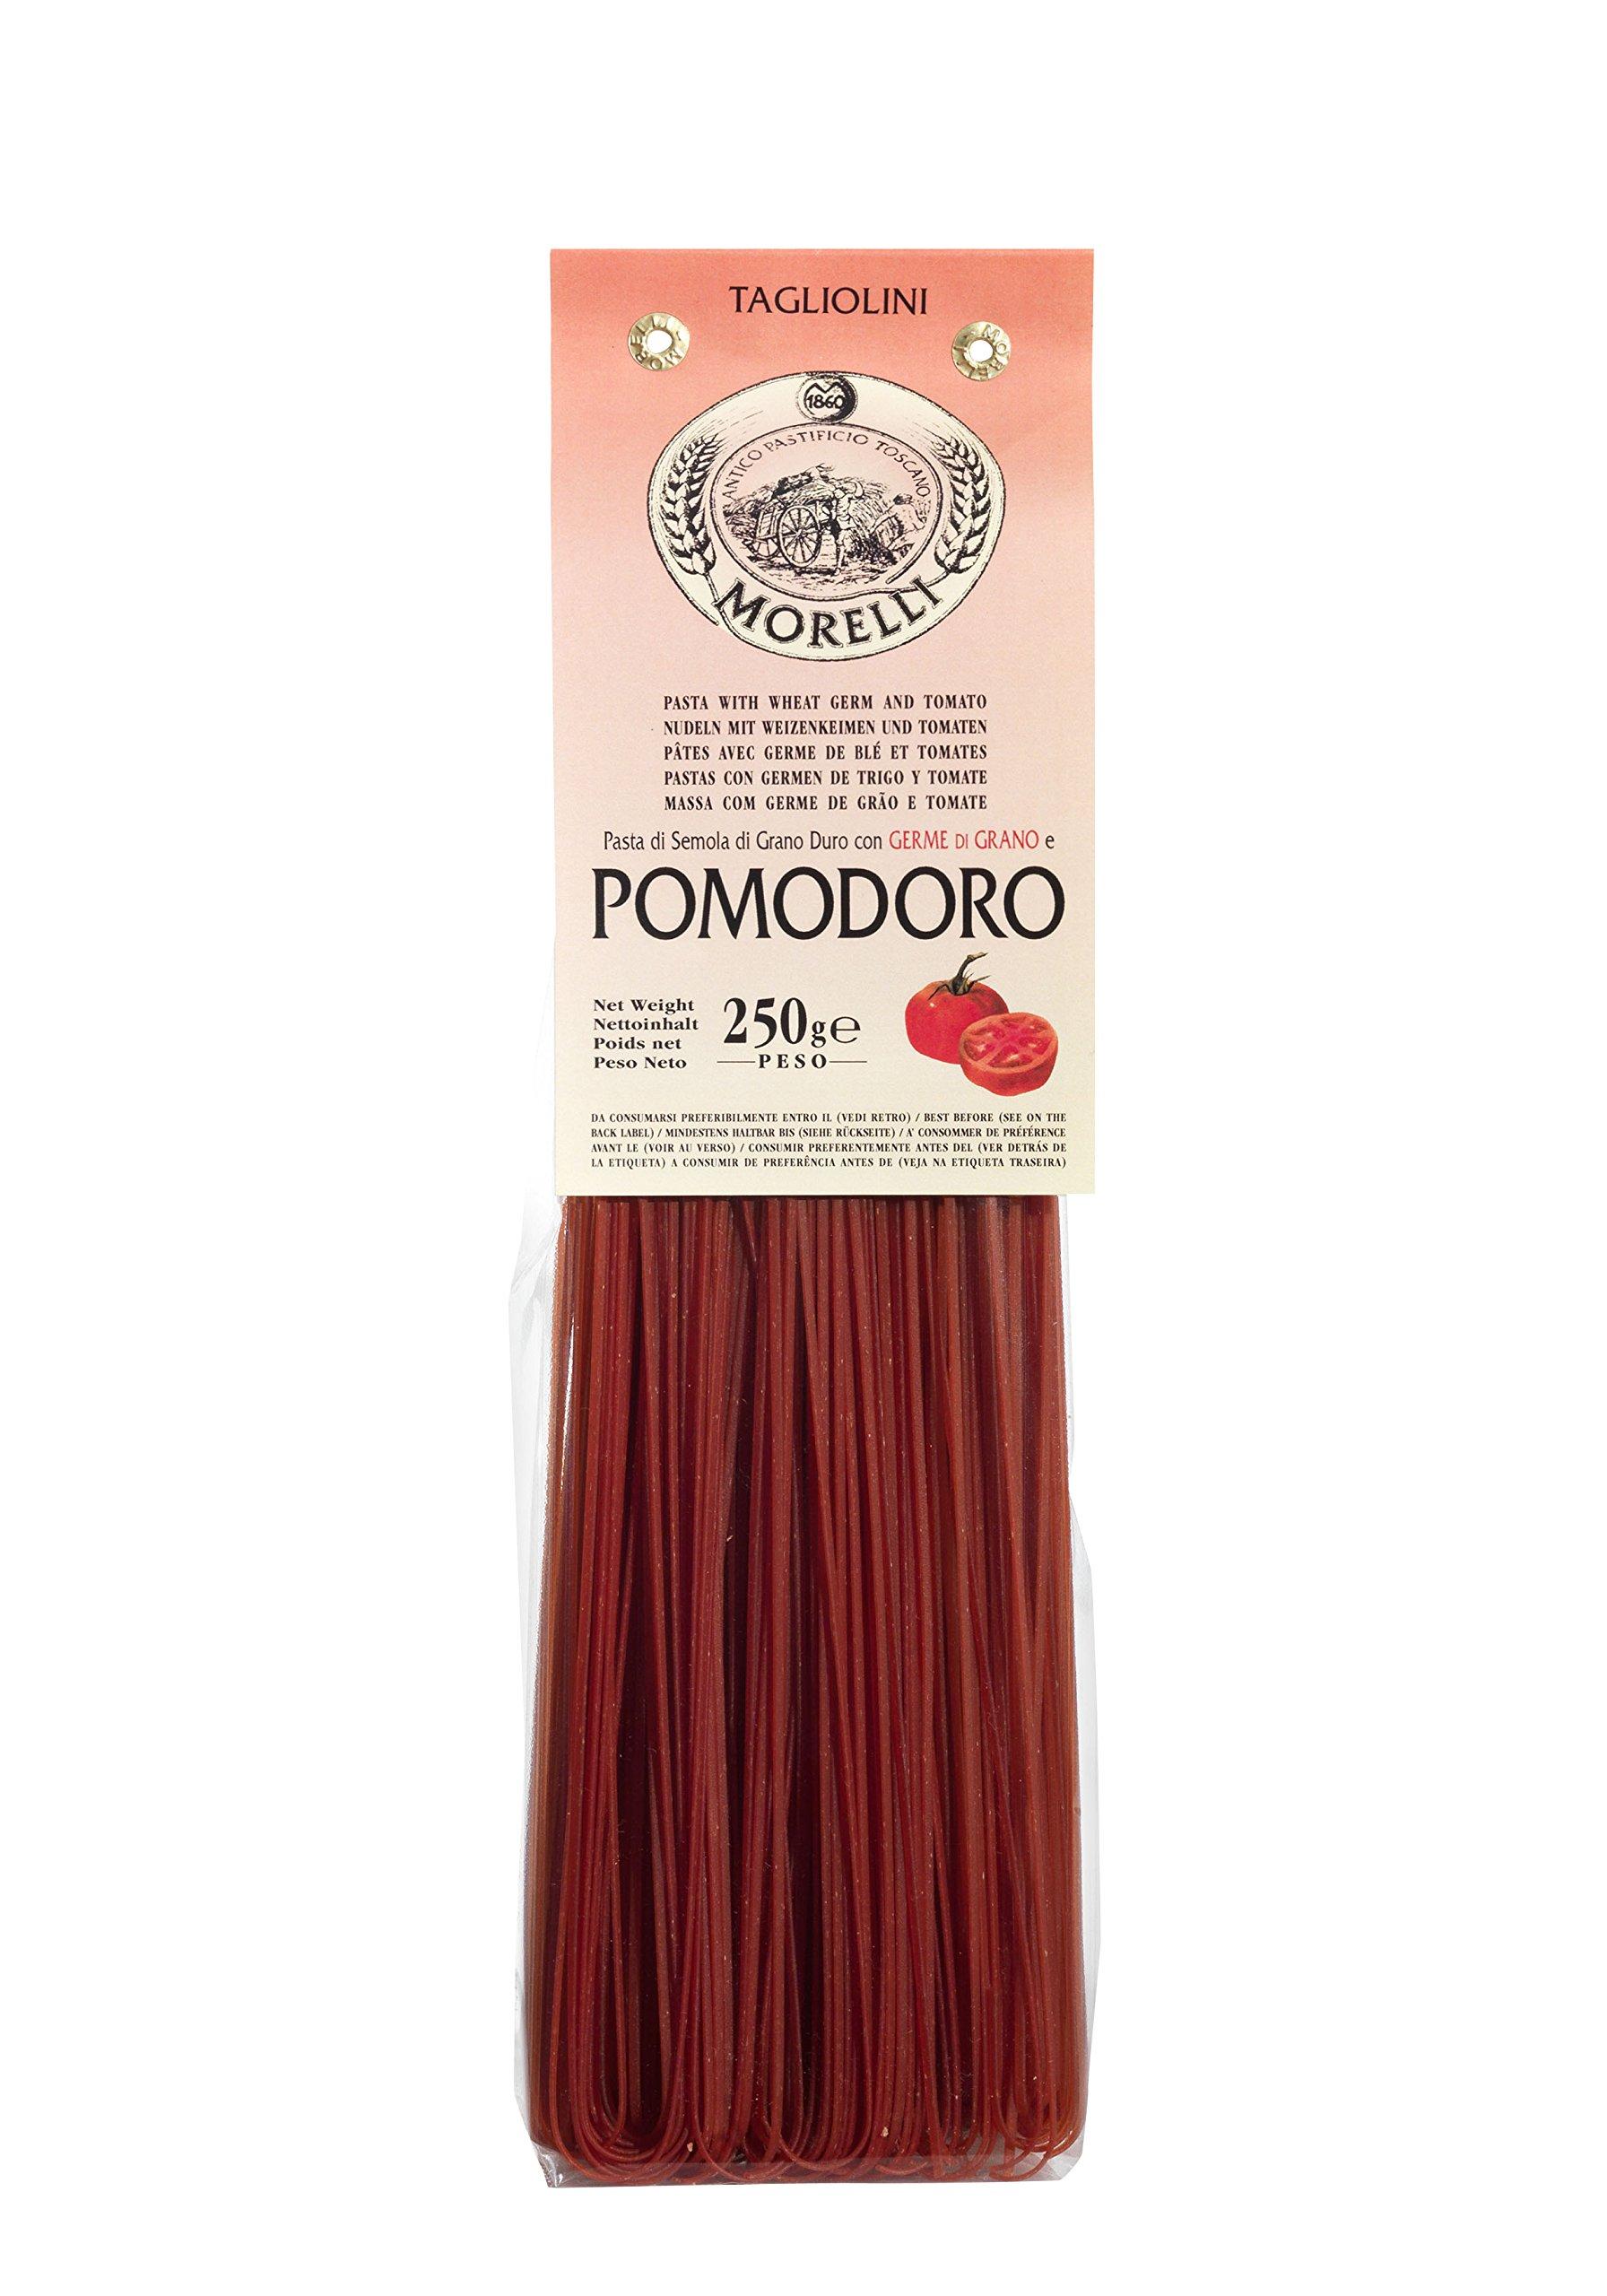 Antico Pastificio Toscano MORELLI - Tagliolini al Pomodoro - Pacco da 4 Confezioni (4 x 250gr)